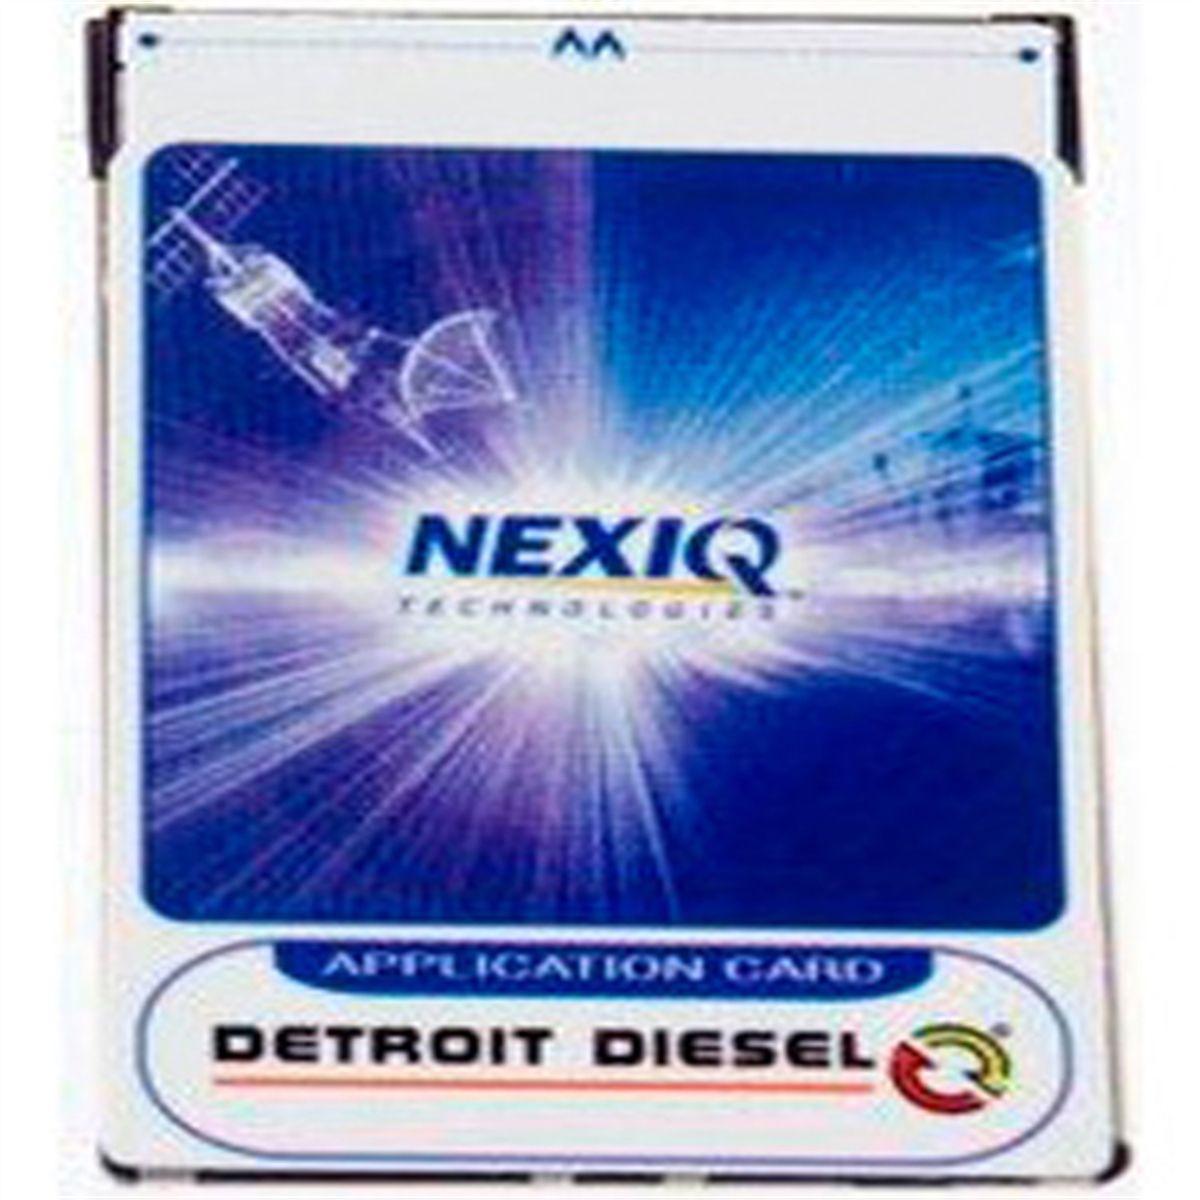 nexiq detroit diesel software